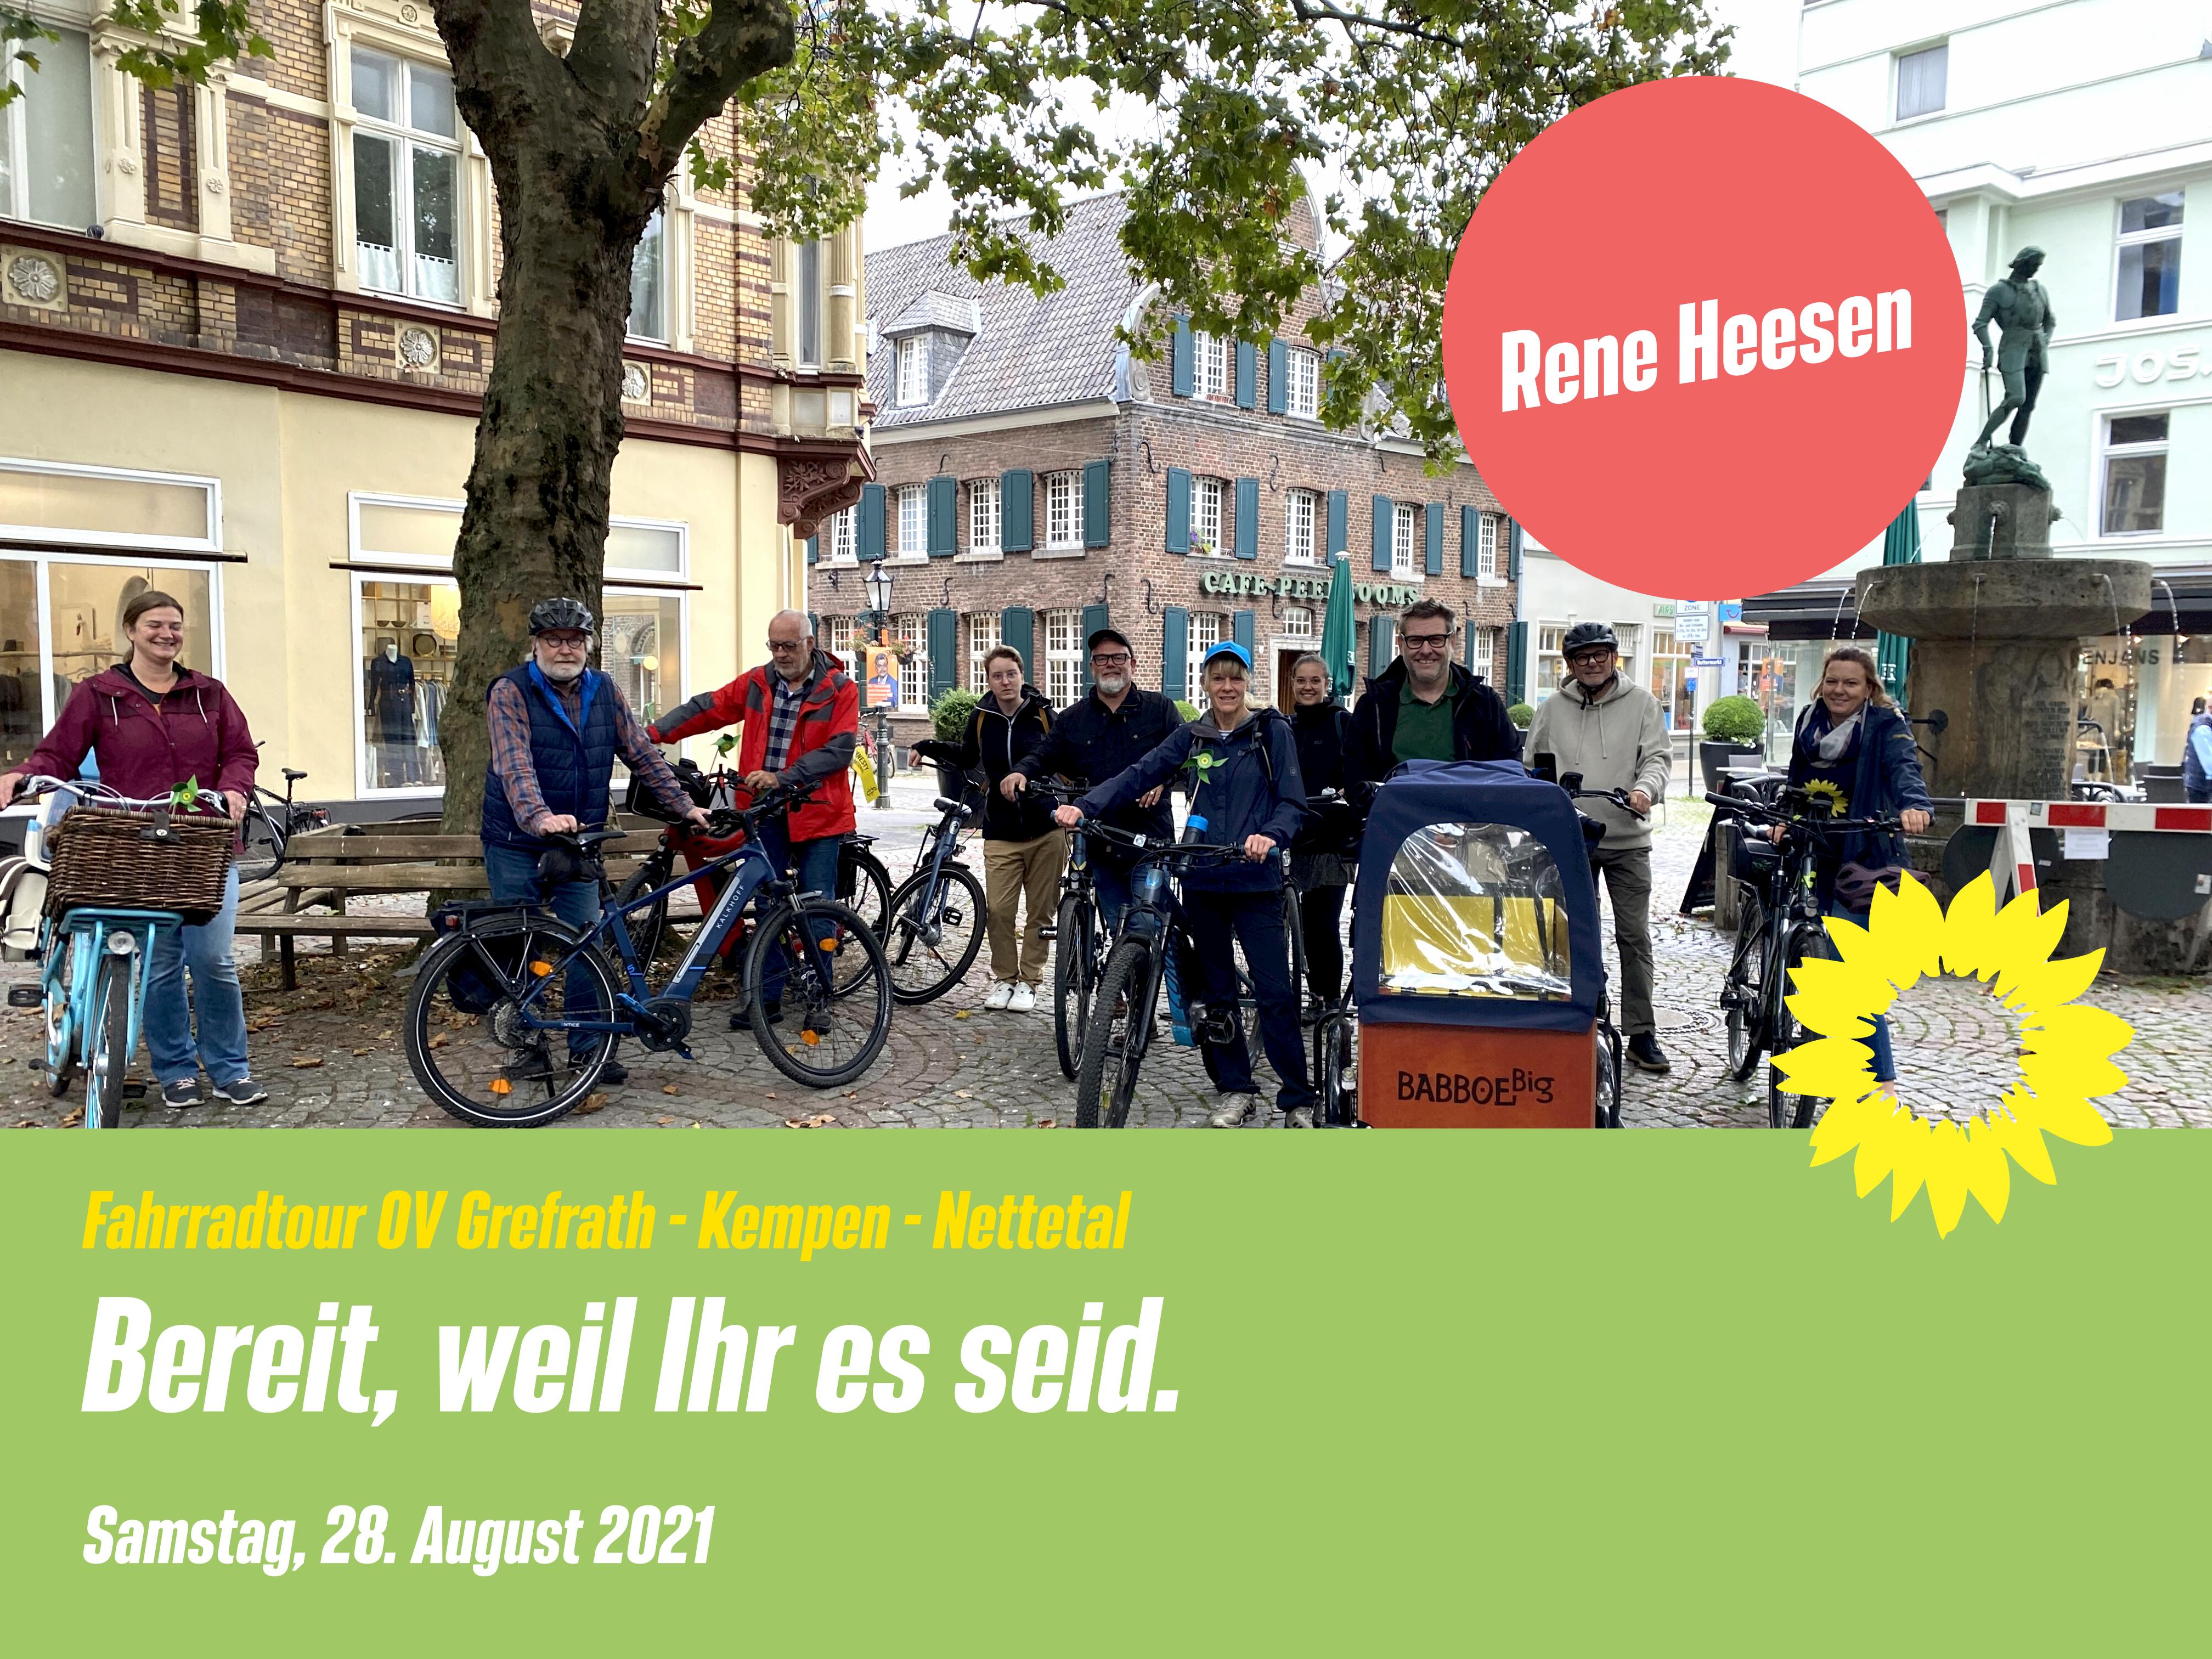 Fahrradtour für Rene Heesen